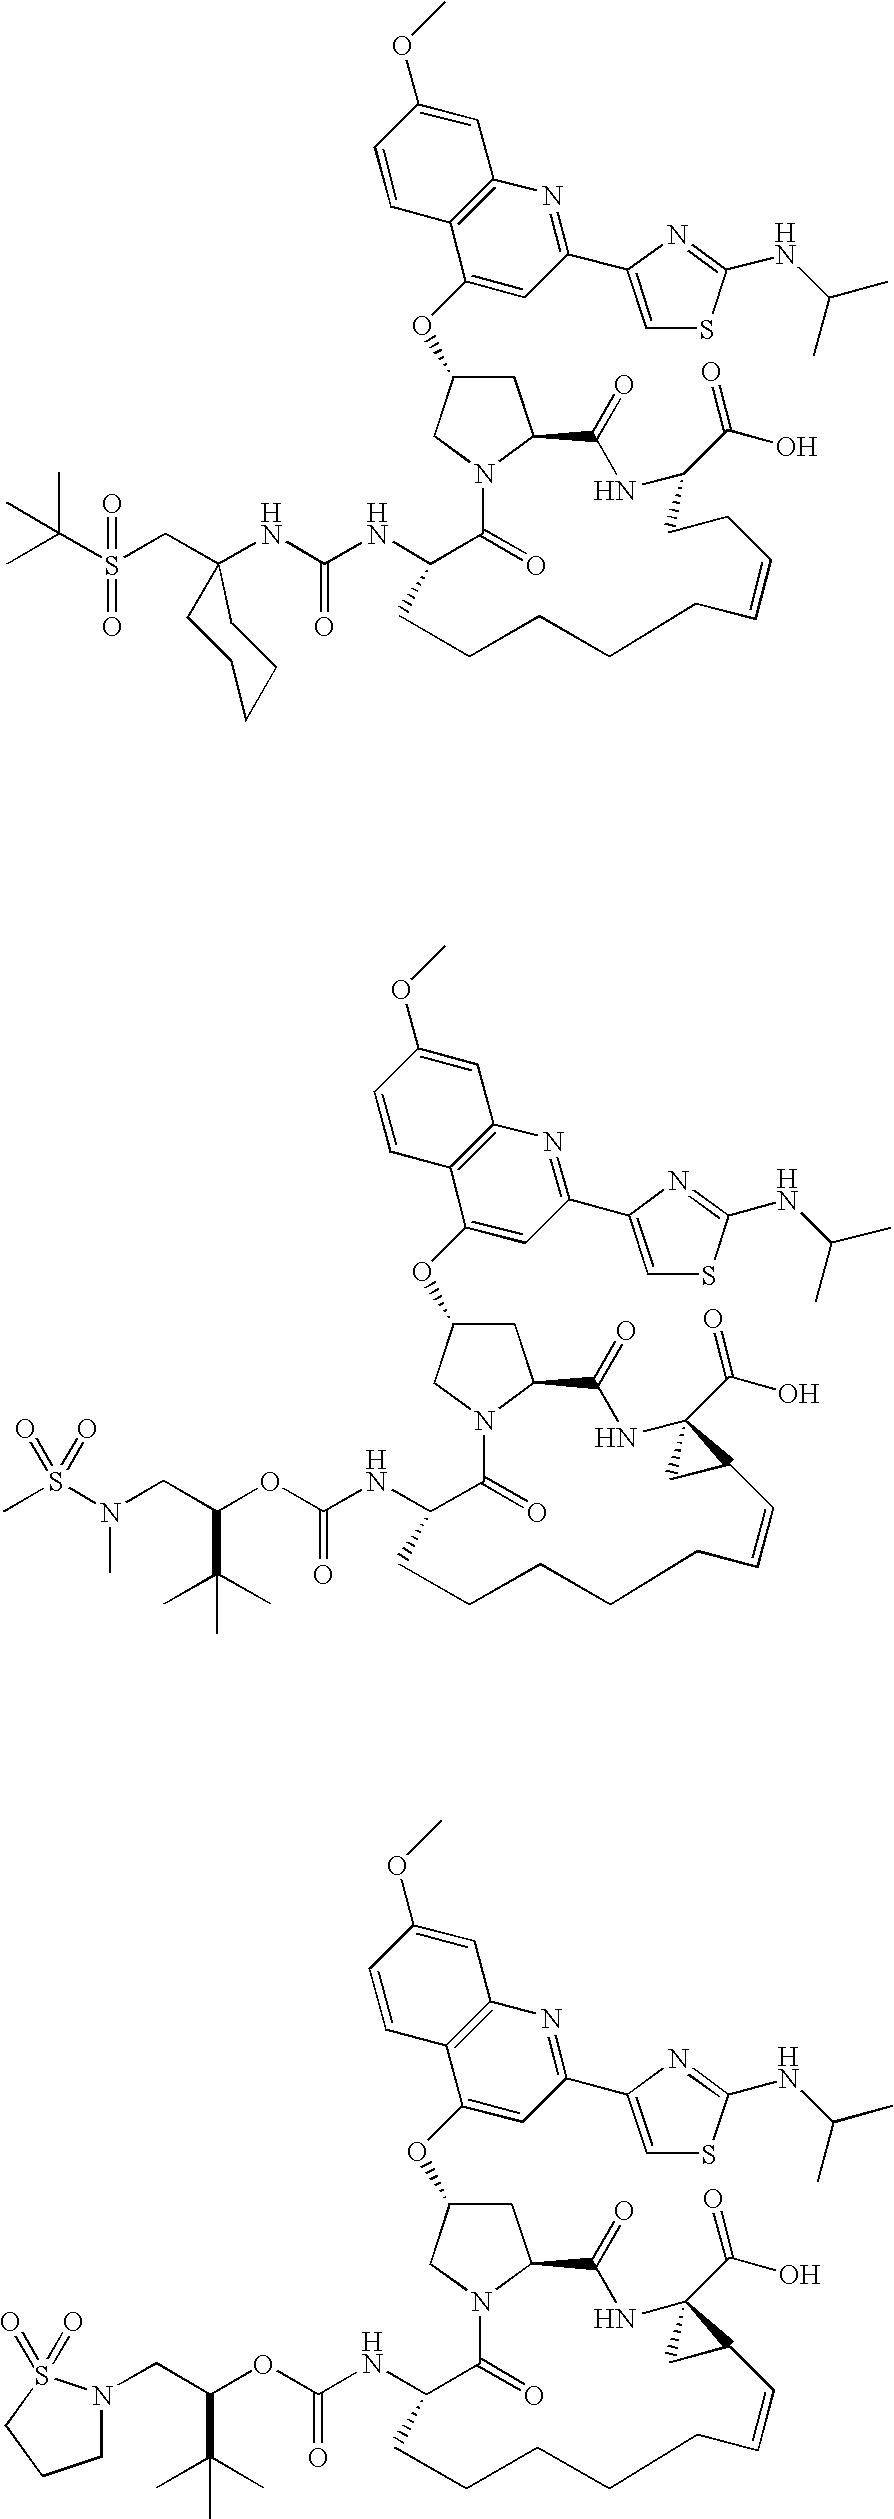 Figure US20060287248A1-20061221-C00177